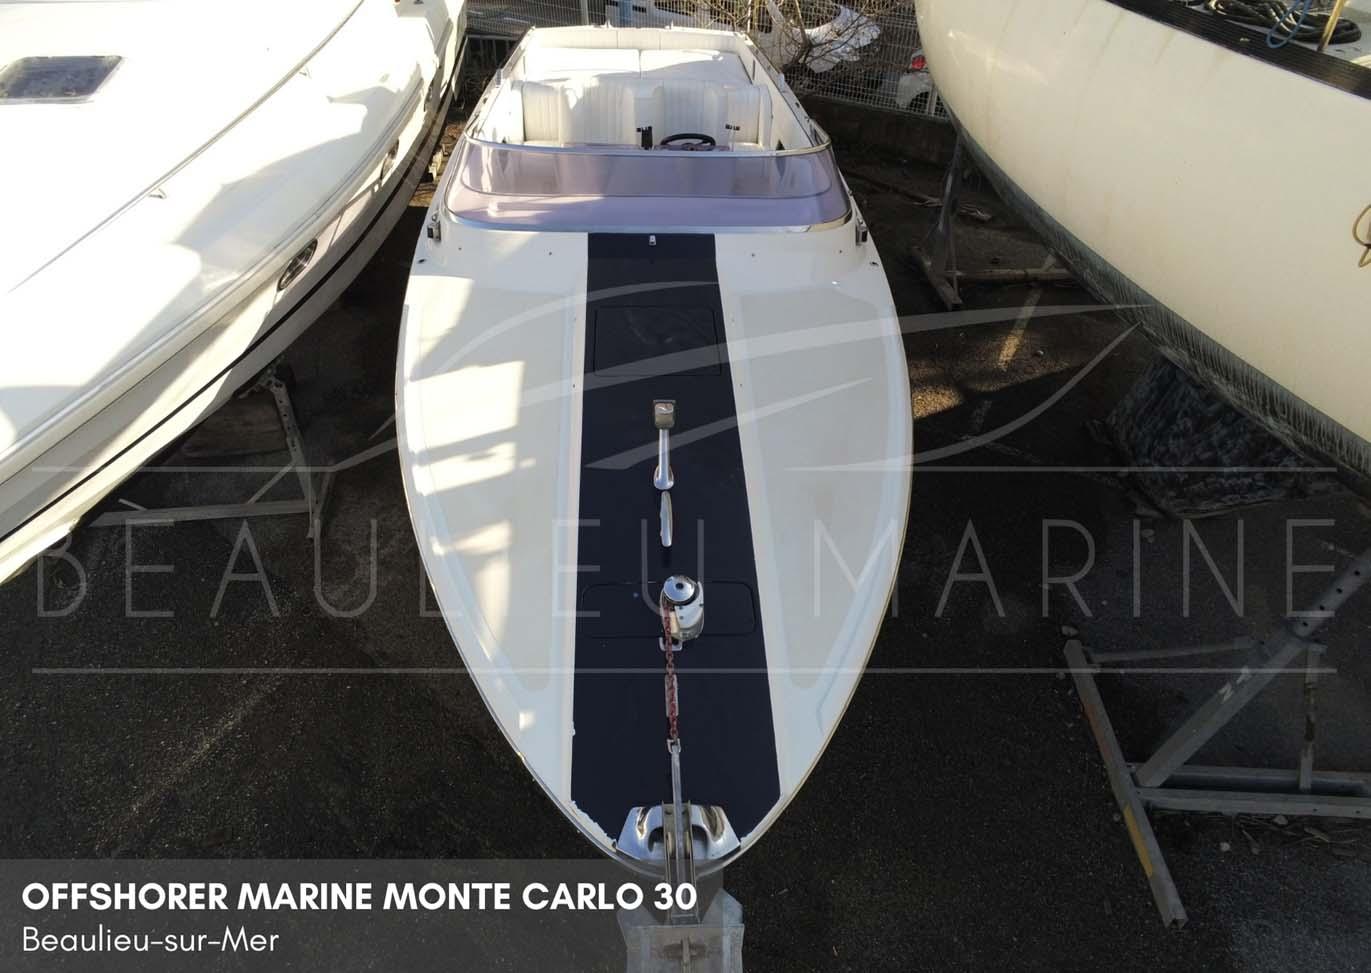 Offshorer Marine Monte Carlo 30